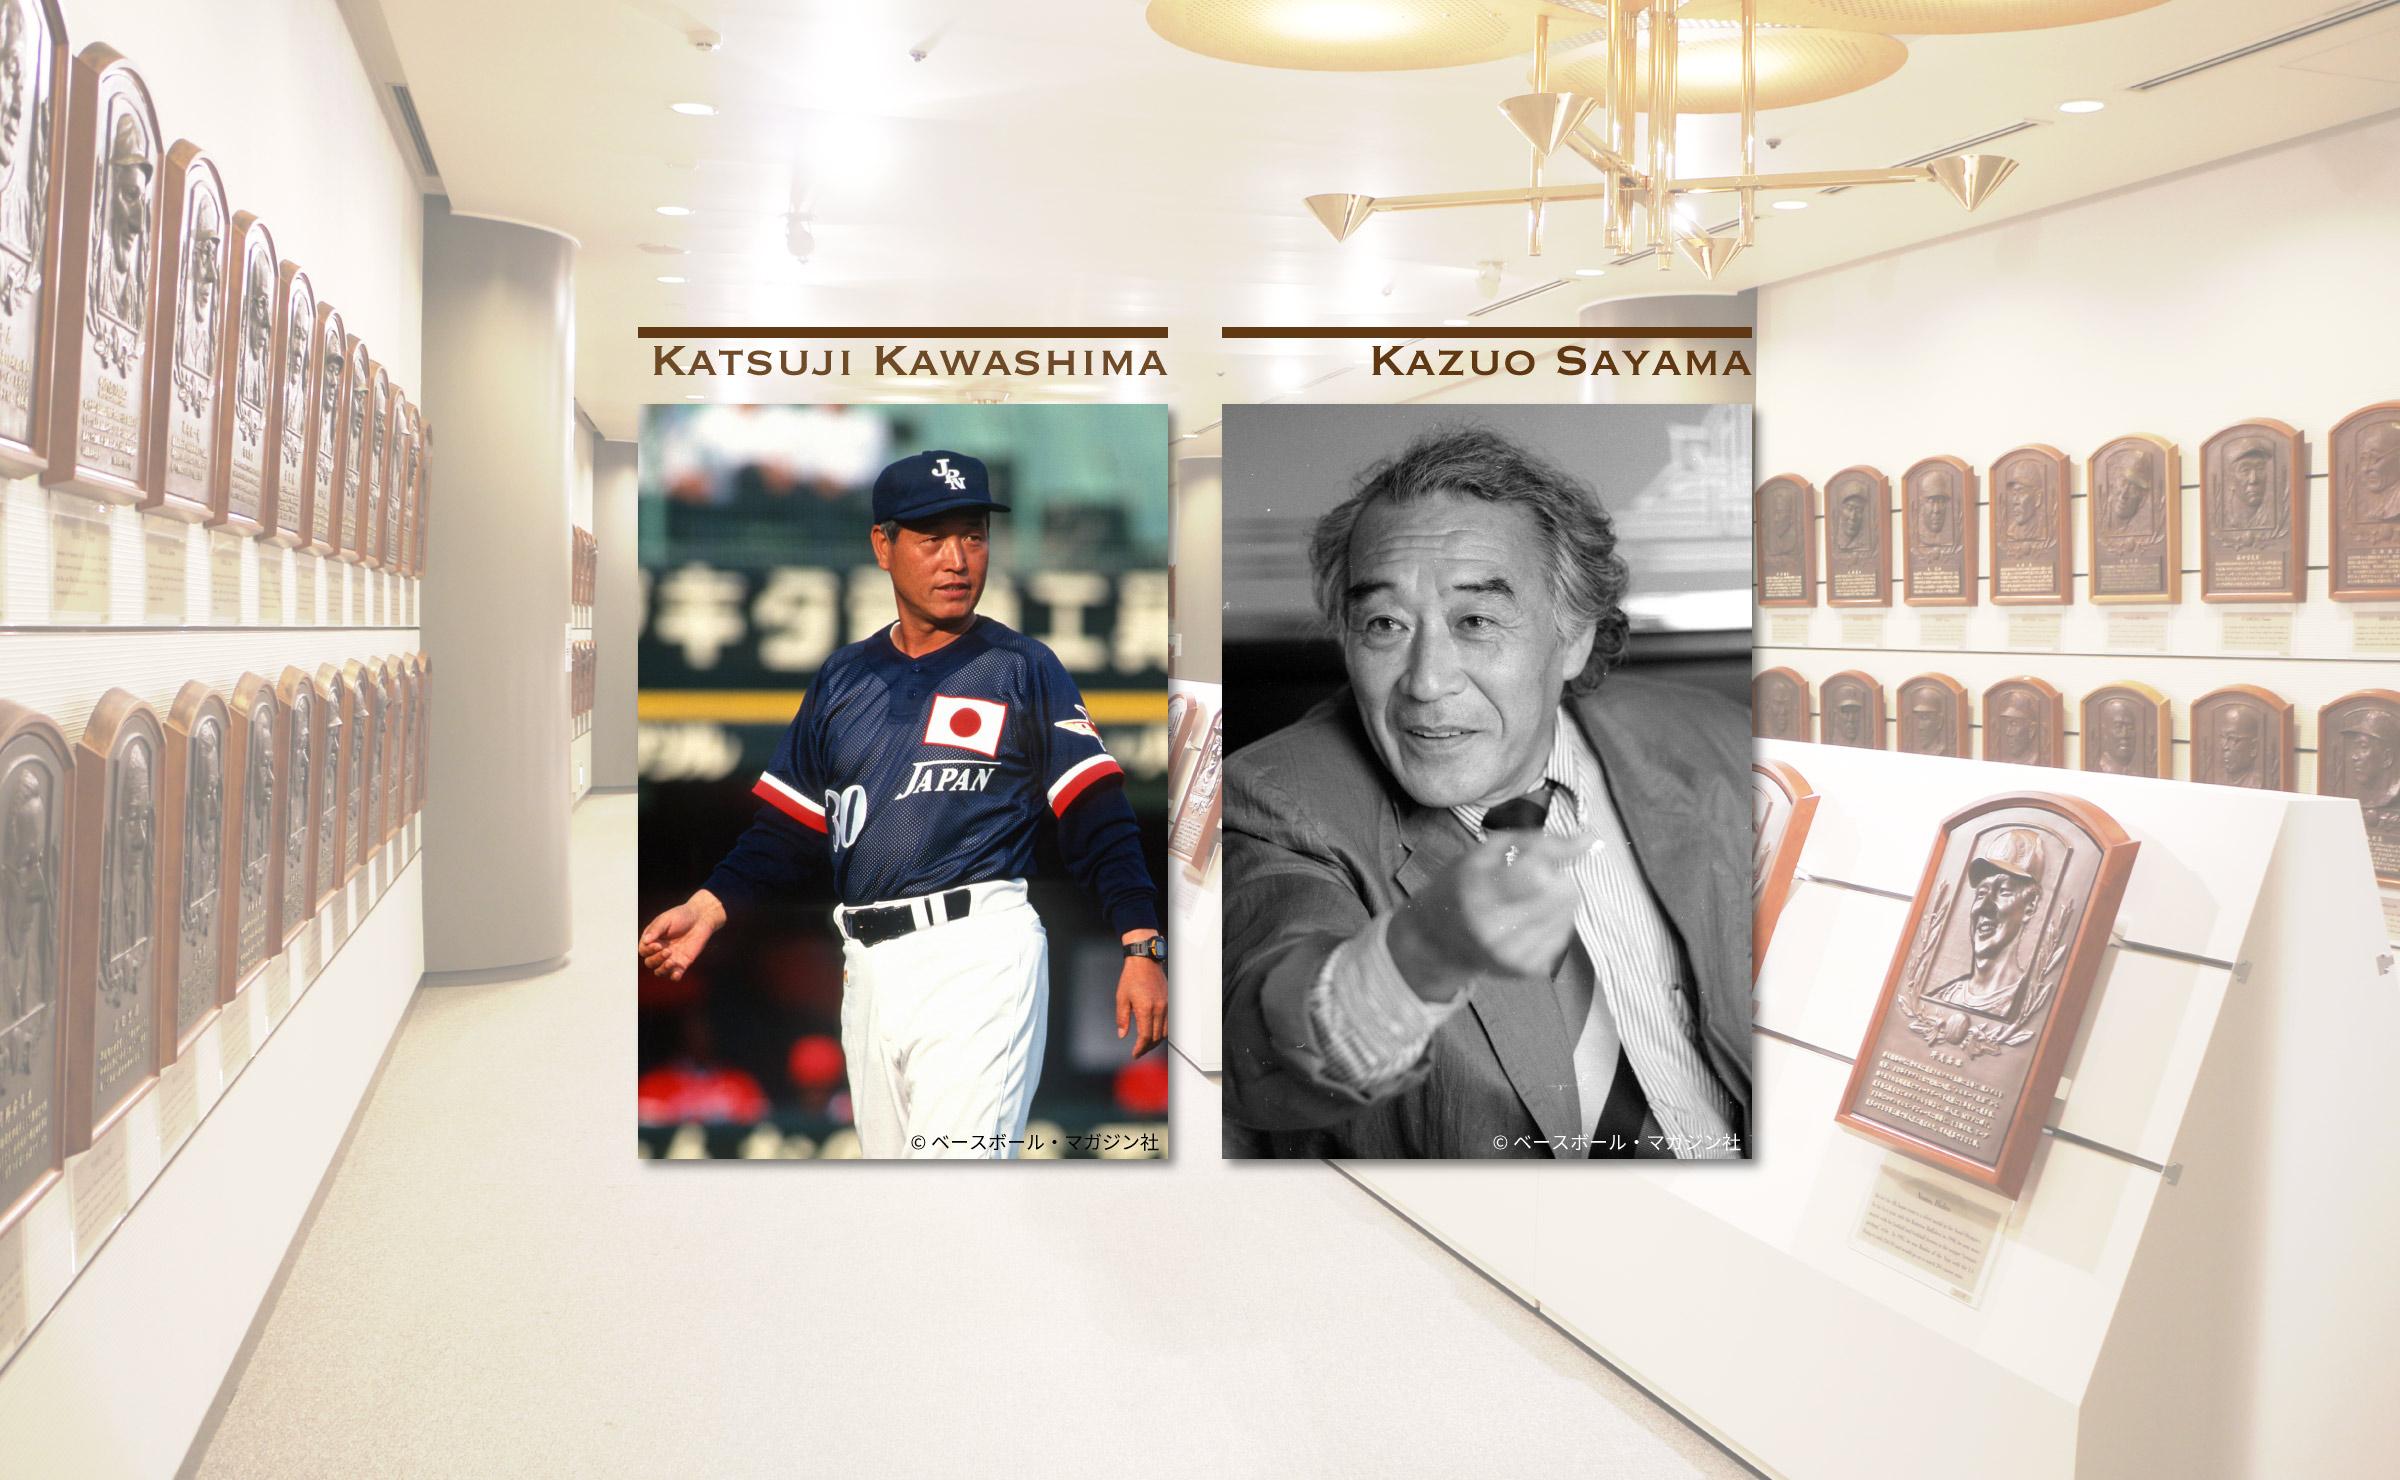 公益財団法人野球殿堂博物館 公式サイト